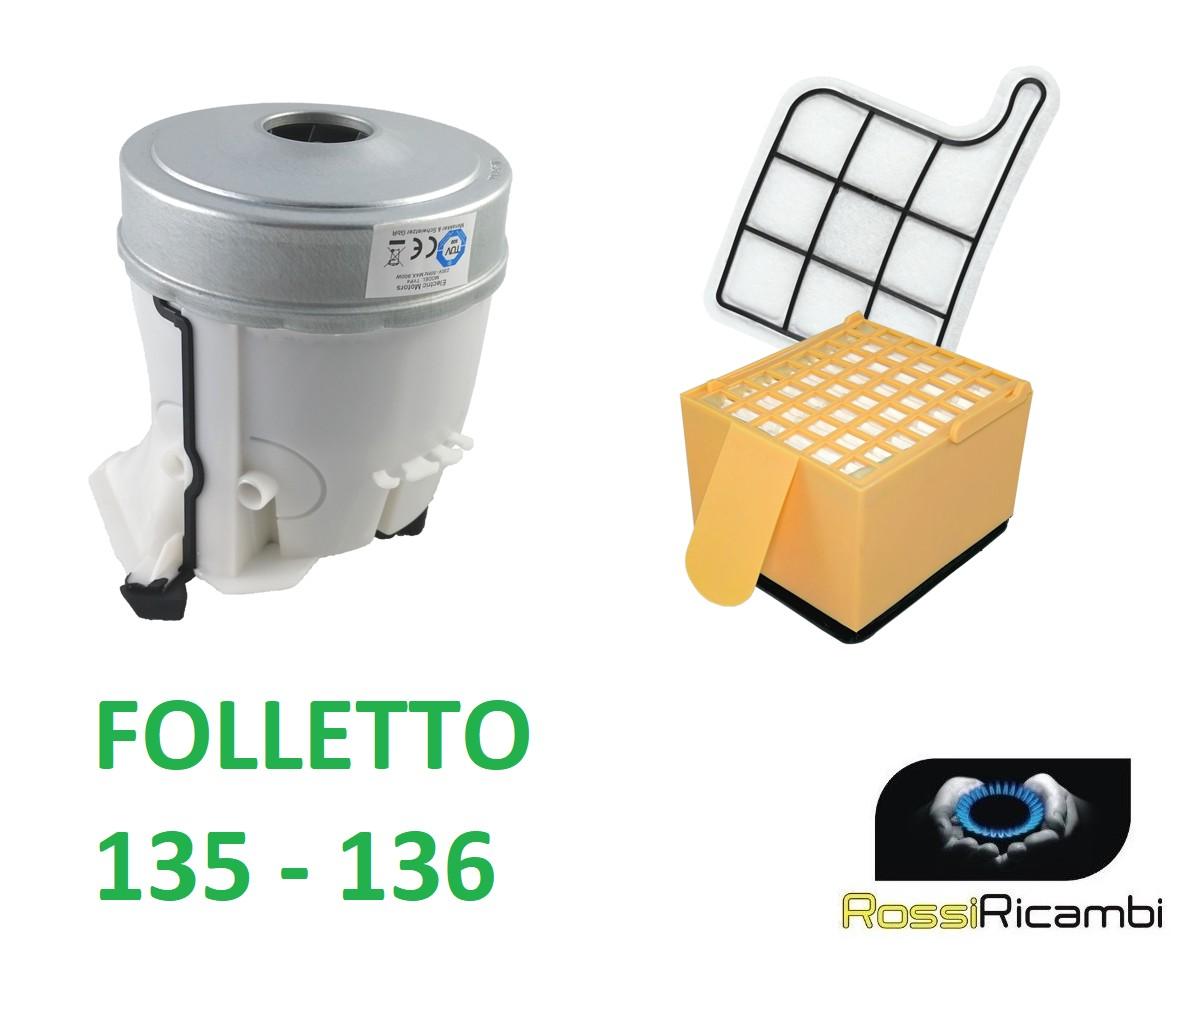 folletto 135 compatibile 1 filtro griglia 1 filtro hepa